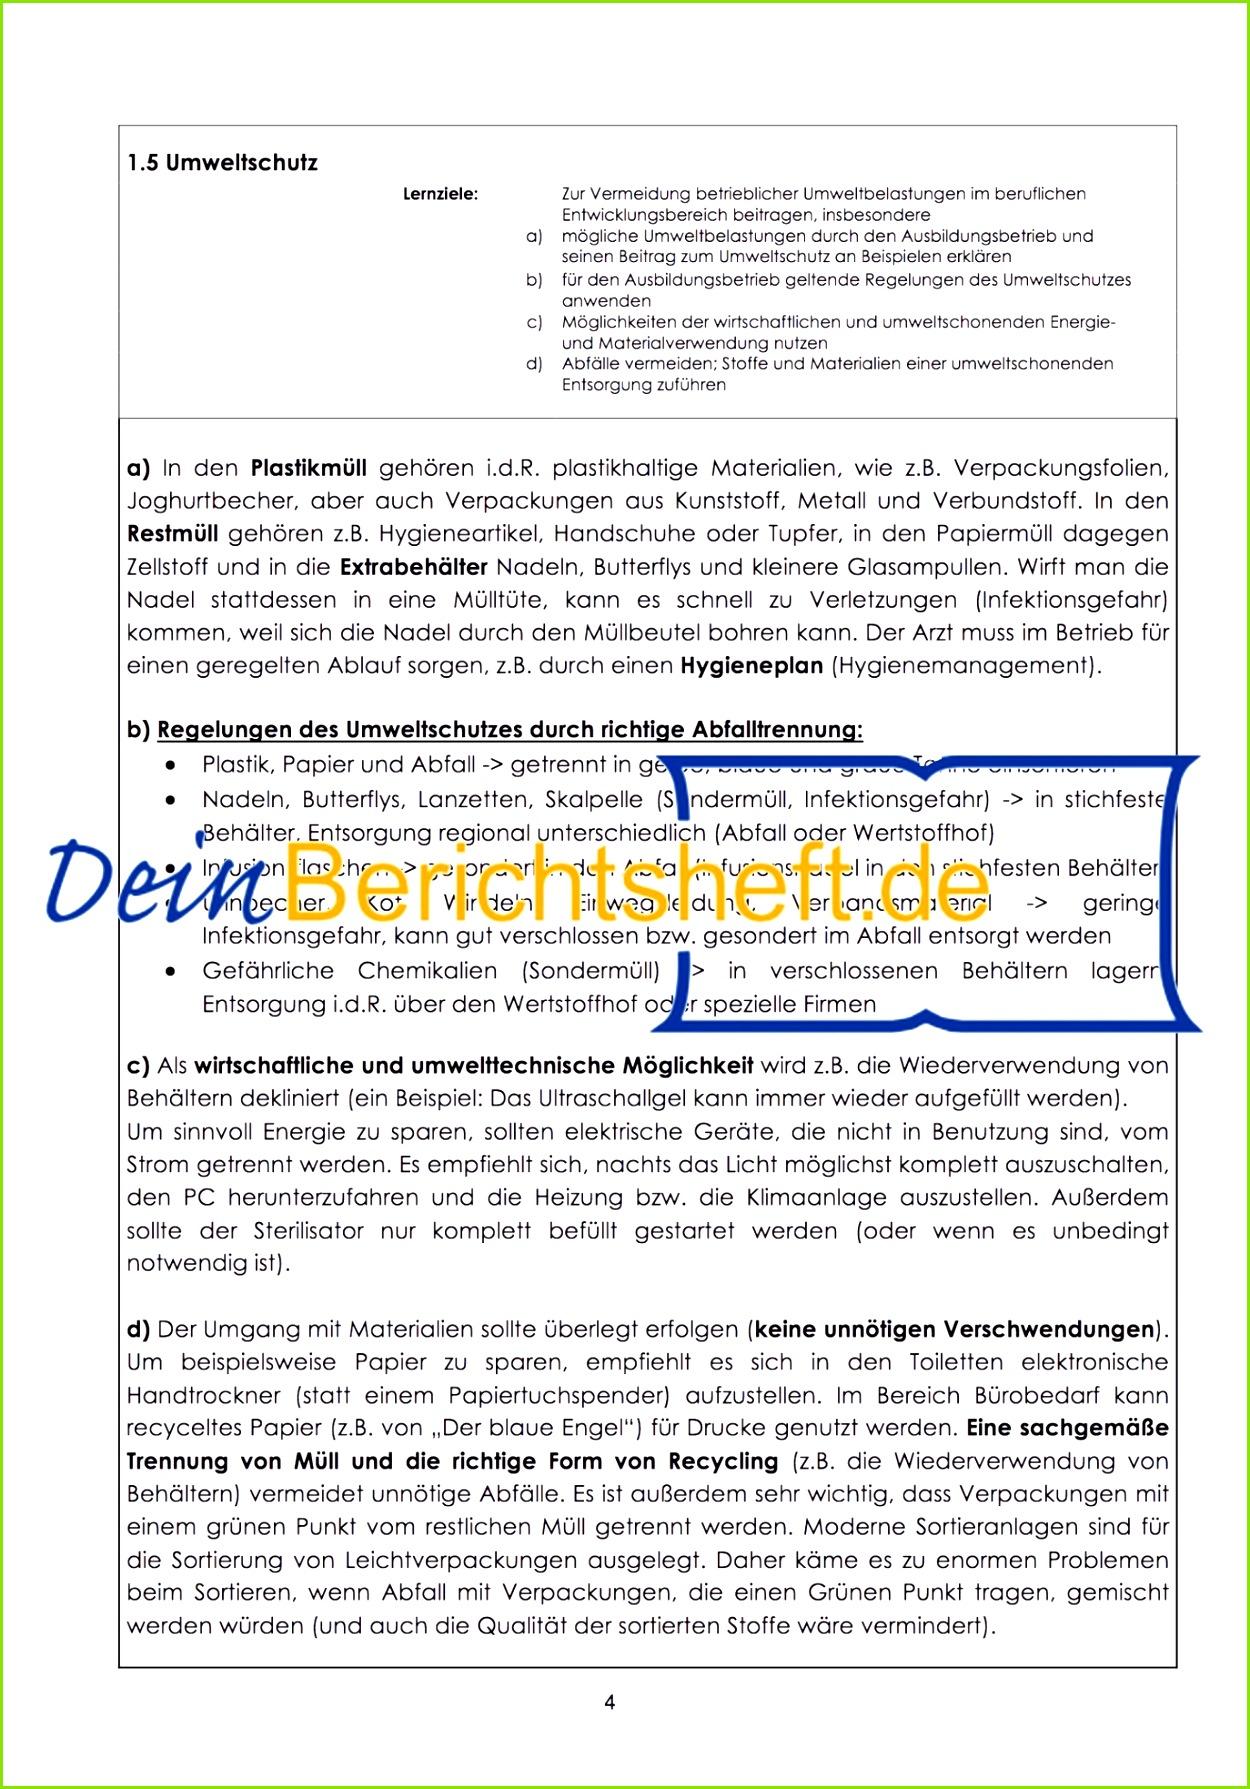 Stromvertrag Umschreiben Vorlage Schön 40 Luxus Bewerbung Muster Einzelhandelskaufmann Yayaconnectionhhlazf 25 Stromvertrag Umschreiben Vorlage